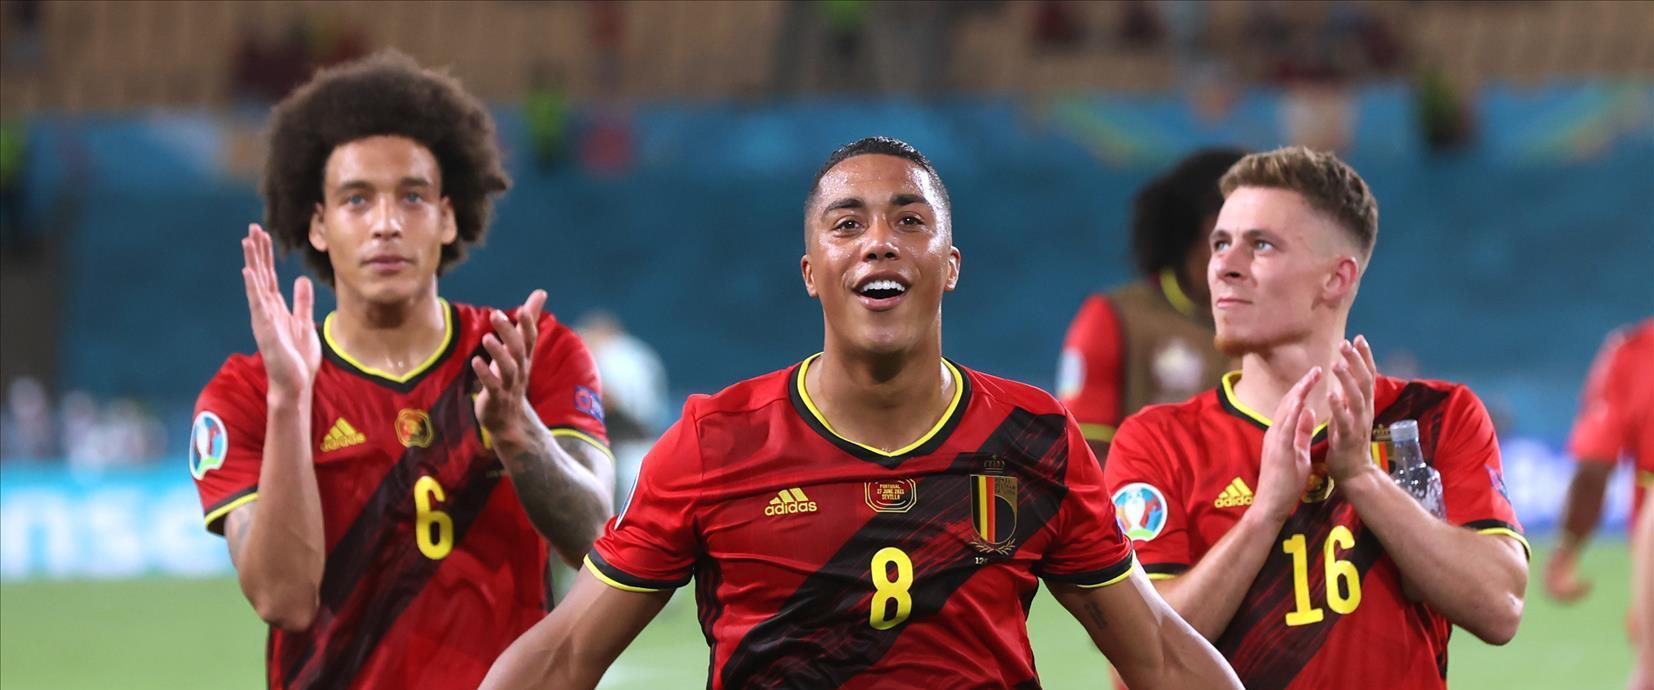 שחקני בלגיה חוגגים את הניצחון, הלילה